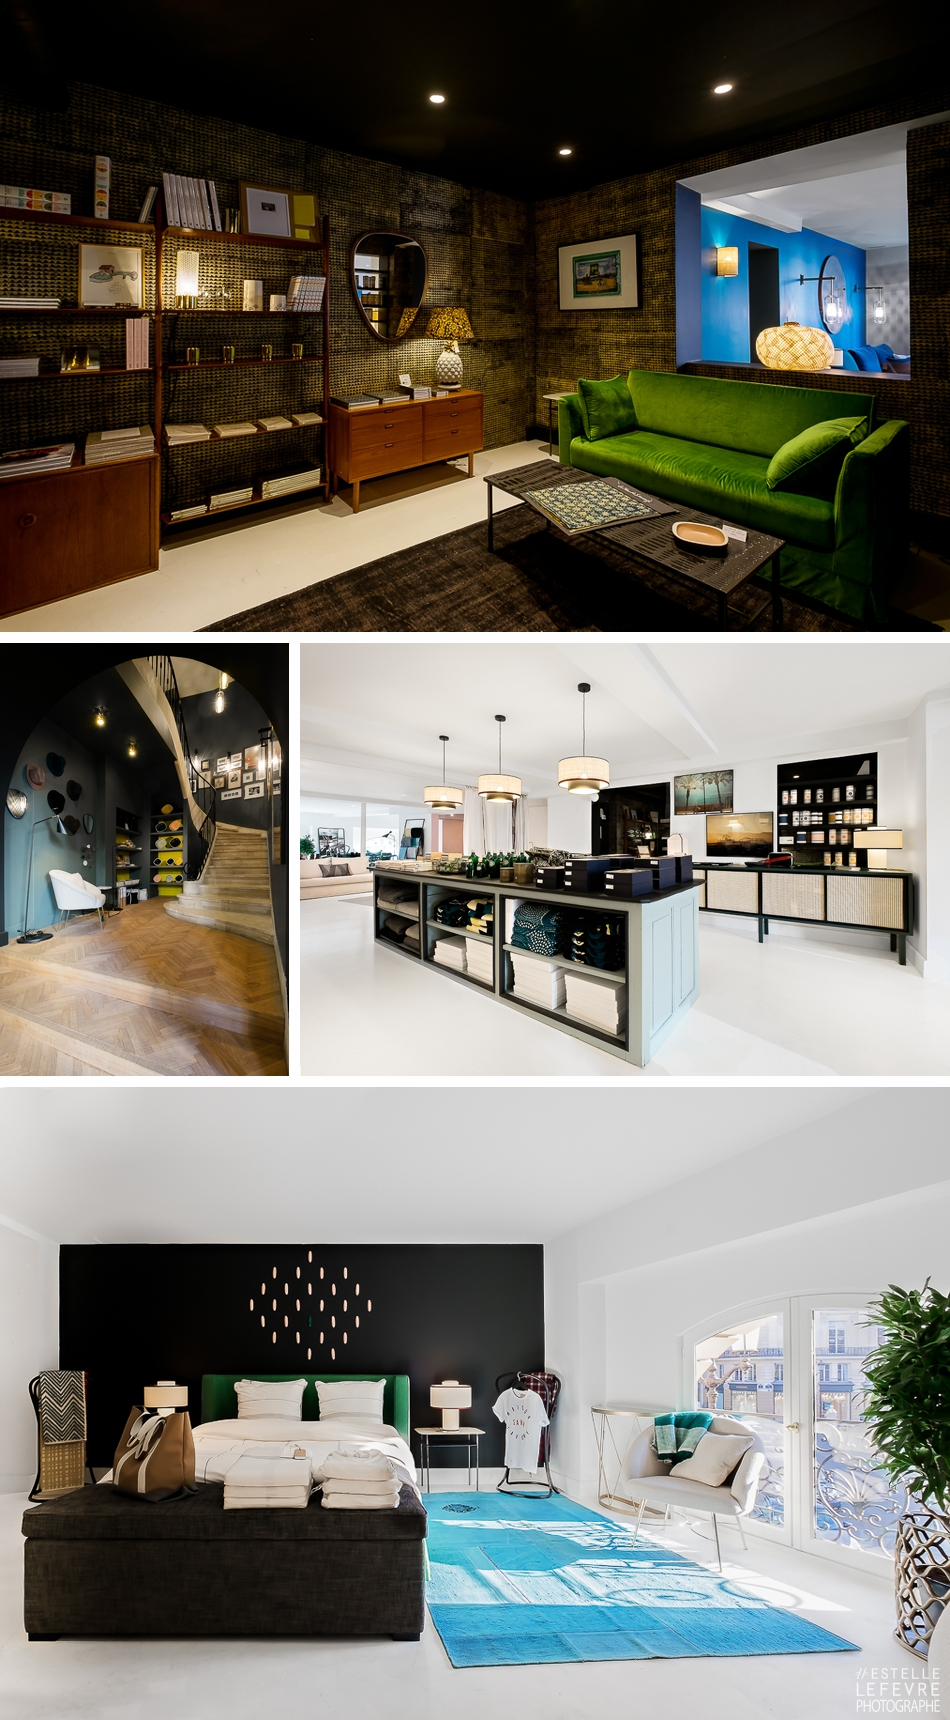 Impressionnant Sarah Lavoine Architecture Interieure #3: Photographe-d%C3%A9coration-Maison-Sarah-Lavoine-4.jpg